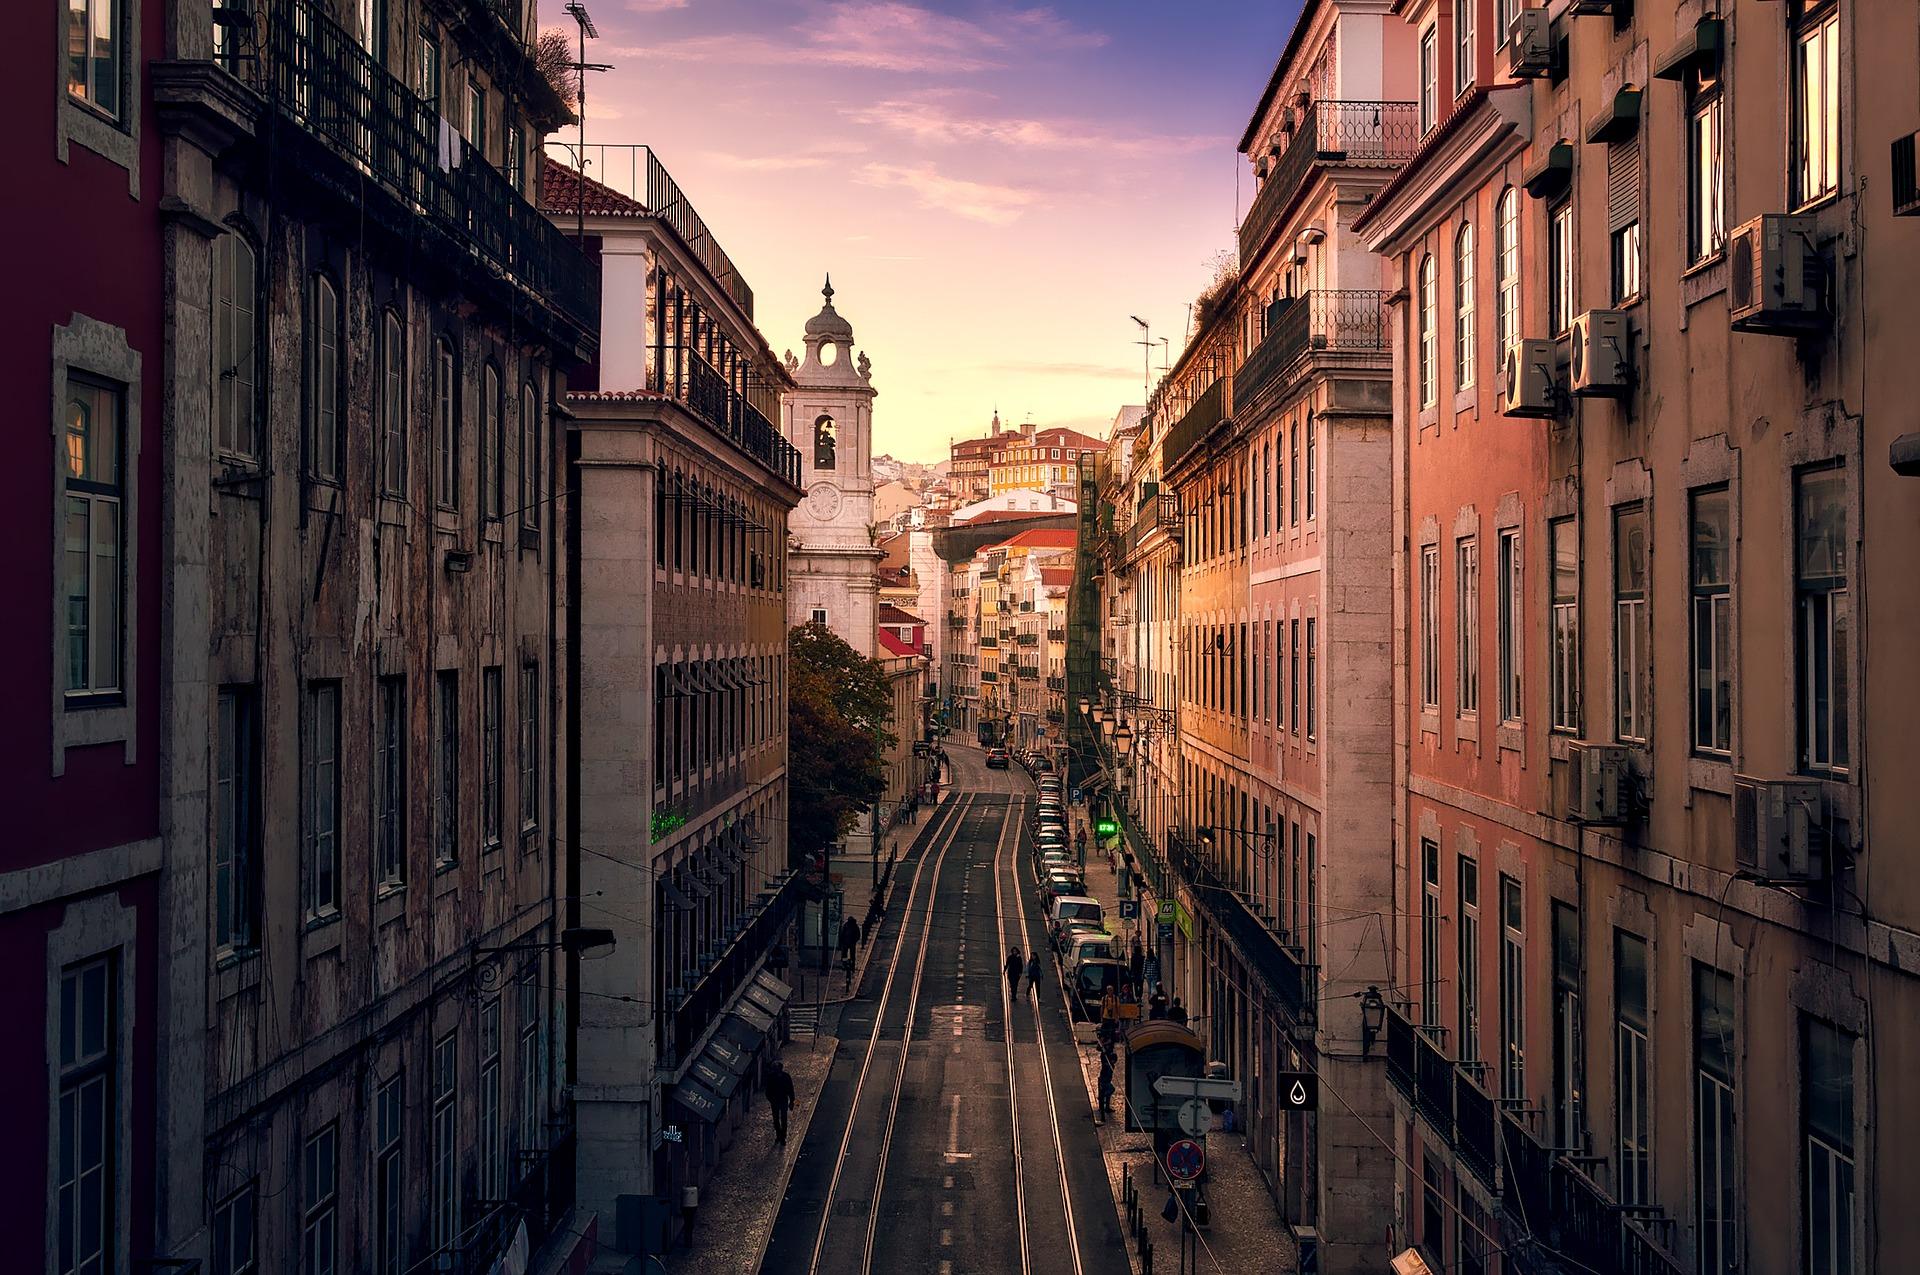 Ταξίδι στην Πορτογαλία | Πανόραμα Πορτογαλίας με το Prima Holidays αεροπορικώς | Εκδρομές στην Ελλάδα και την Ευρώπη!